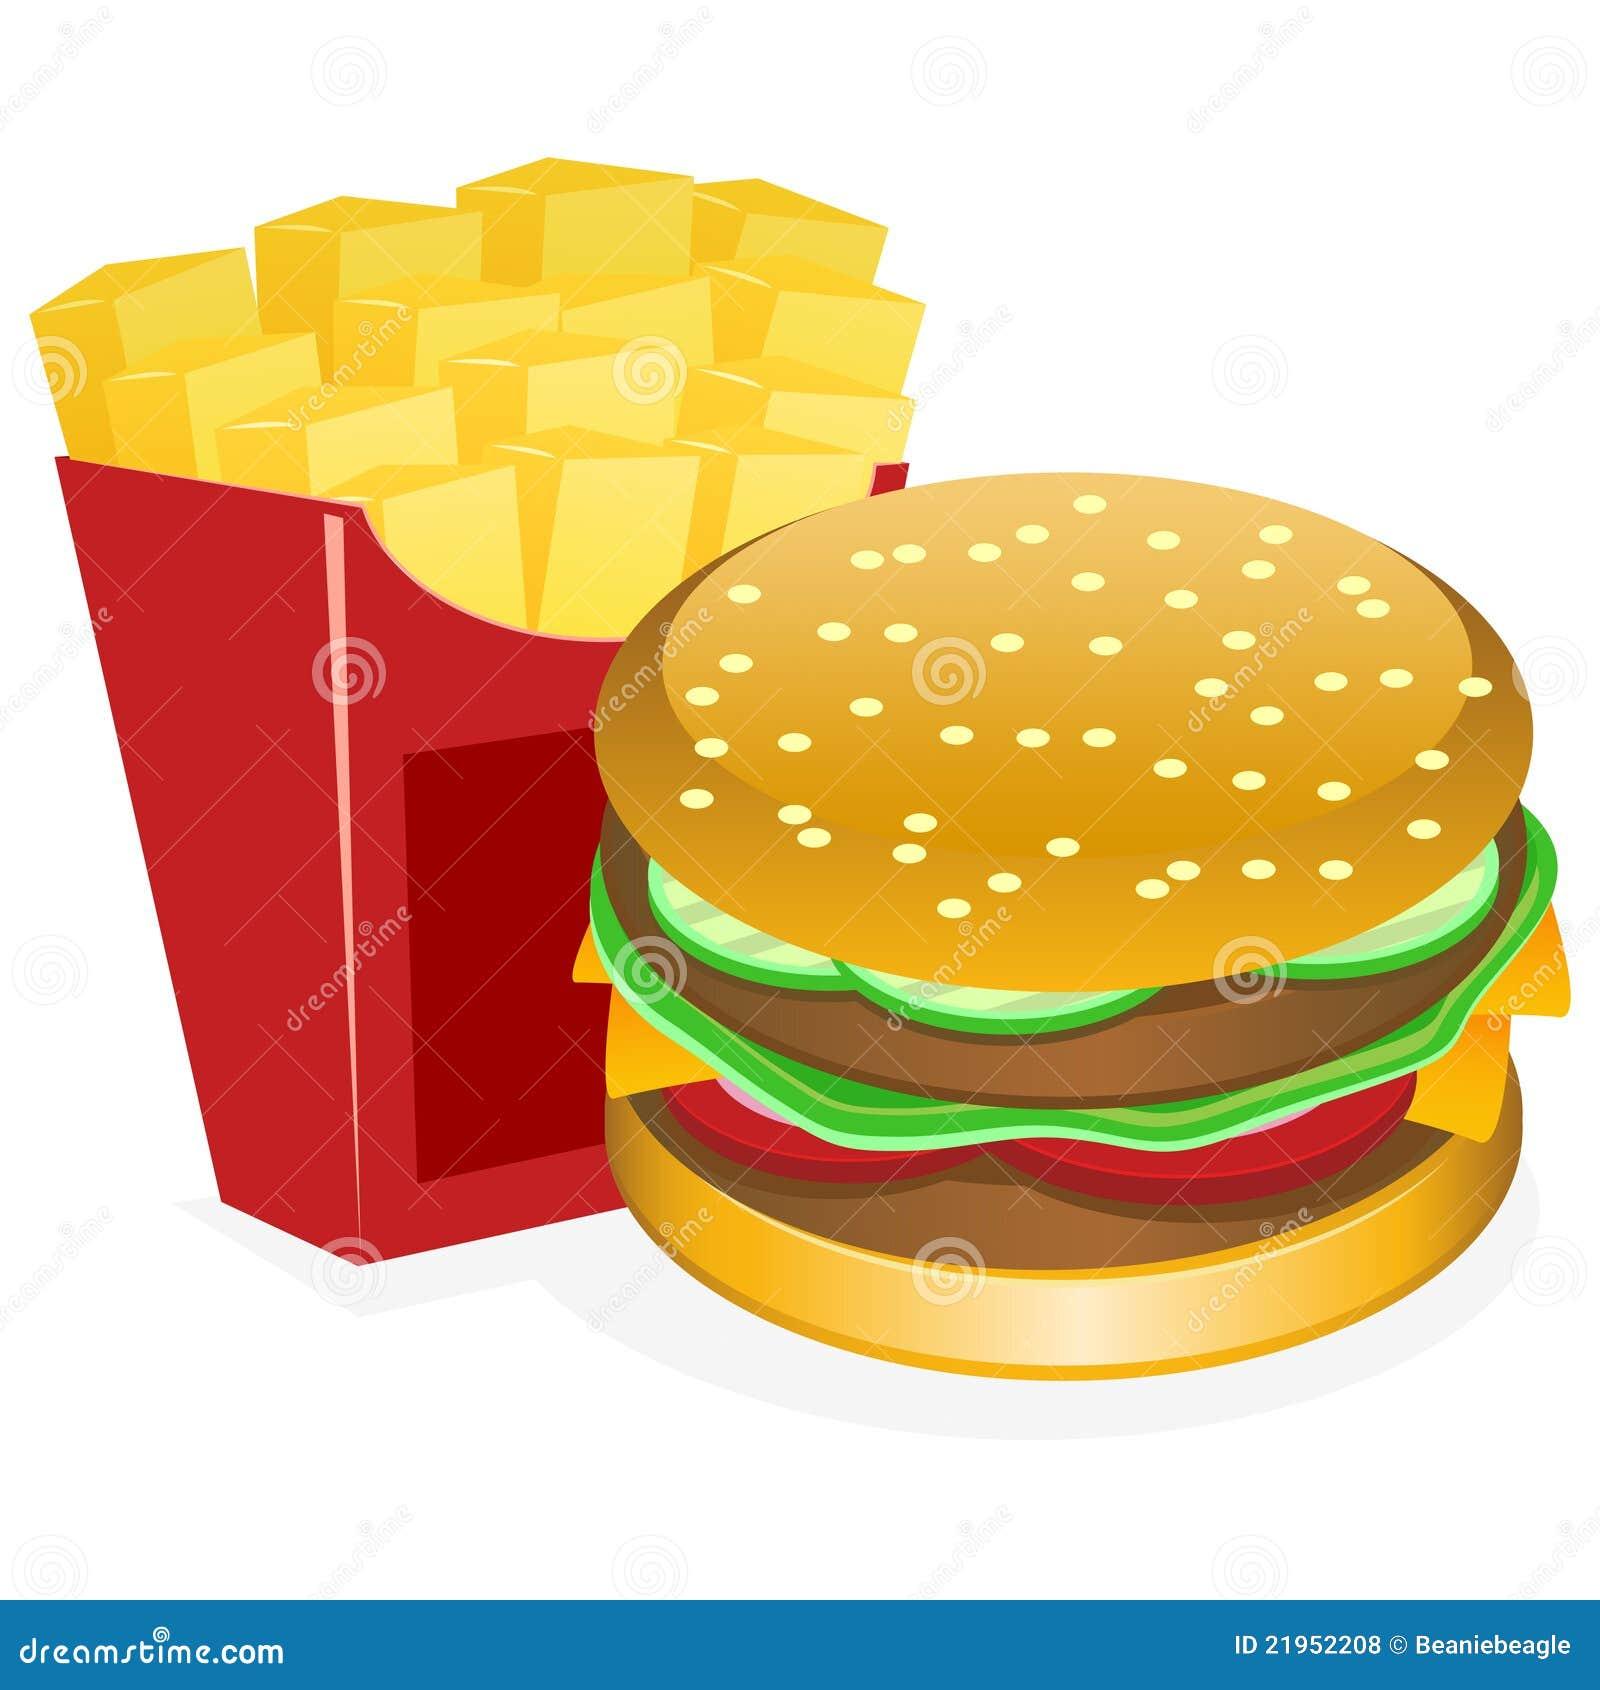 Hamburger and fries royalty free stock photos image for Hamburger clipart